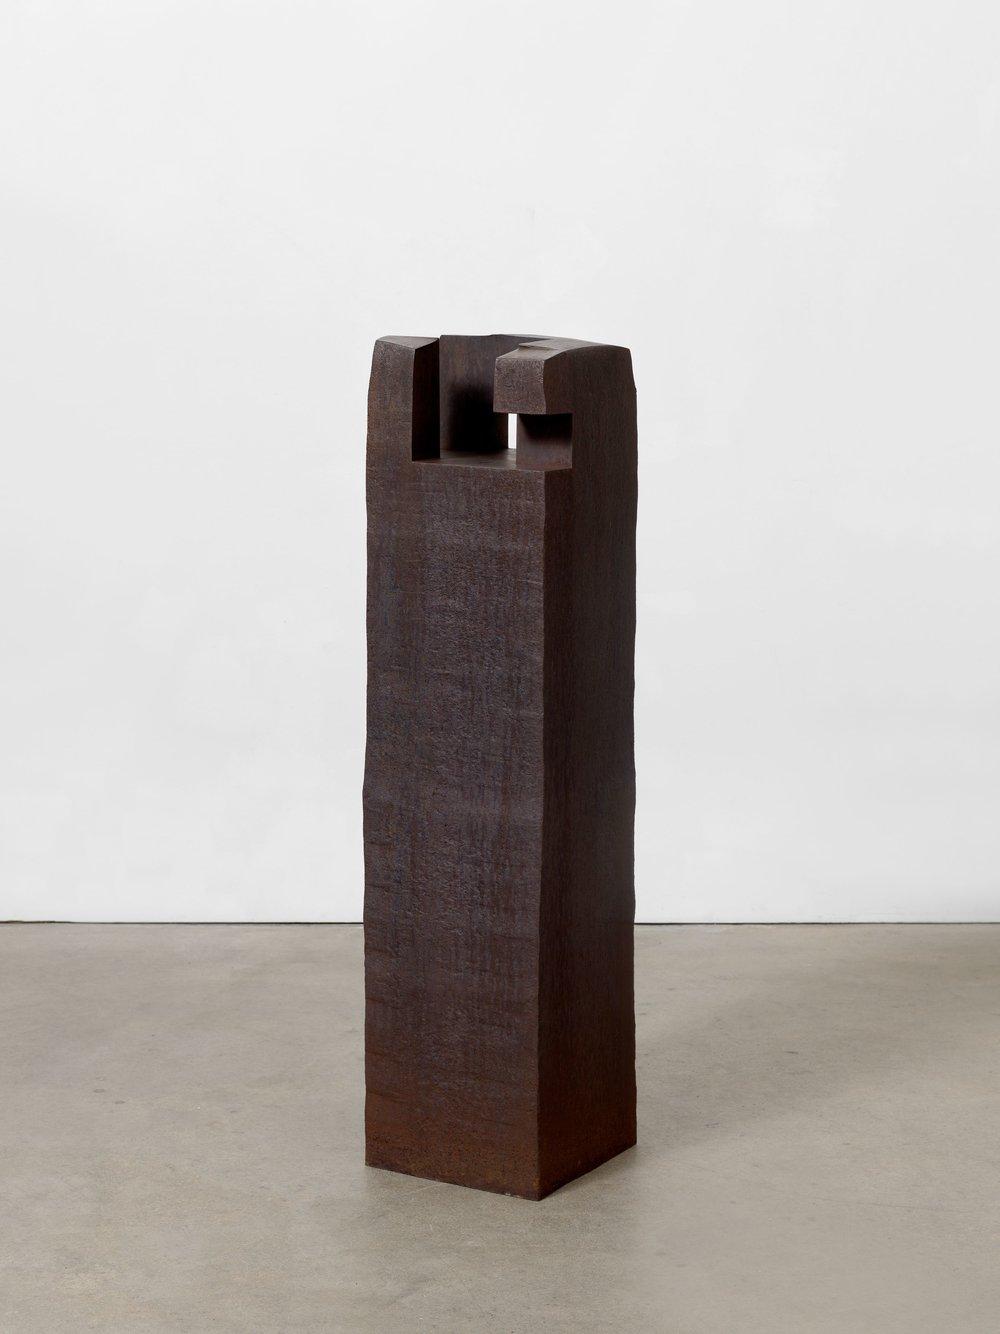 Eduardo Chillida Enparantza (Square) 1990 Steel 122.5 x 29.5 x 29.5 cm / 48 1/4 x 11 5/8 x 11 5/8 in